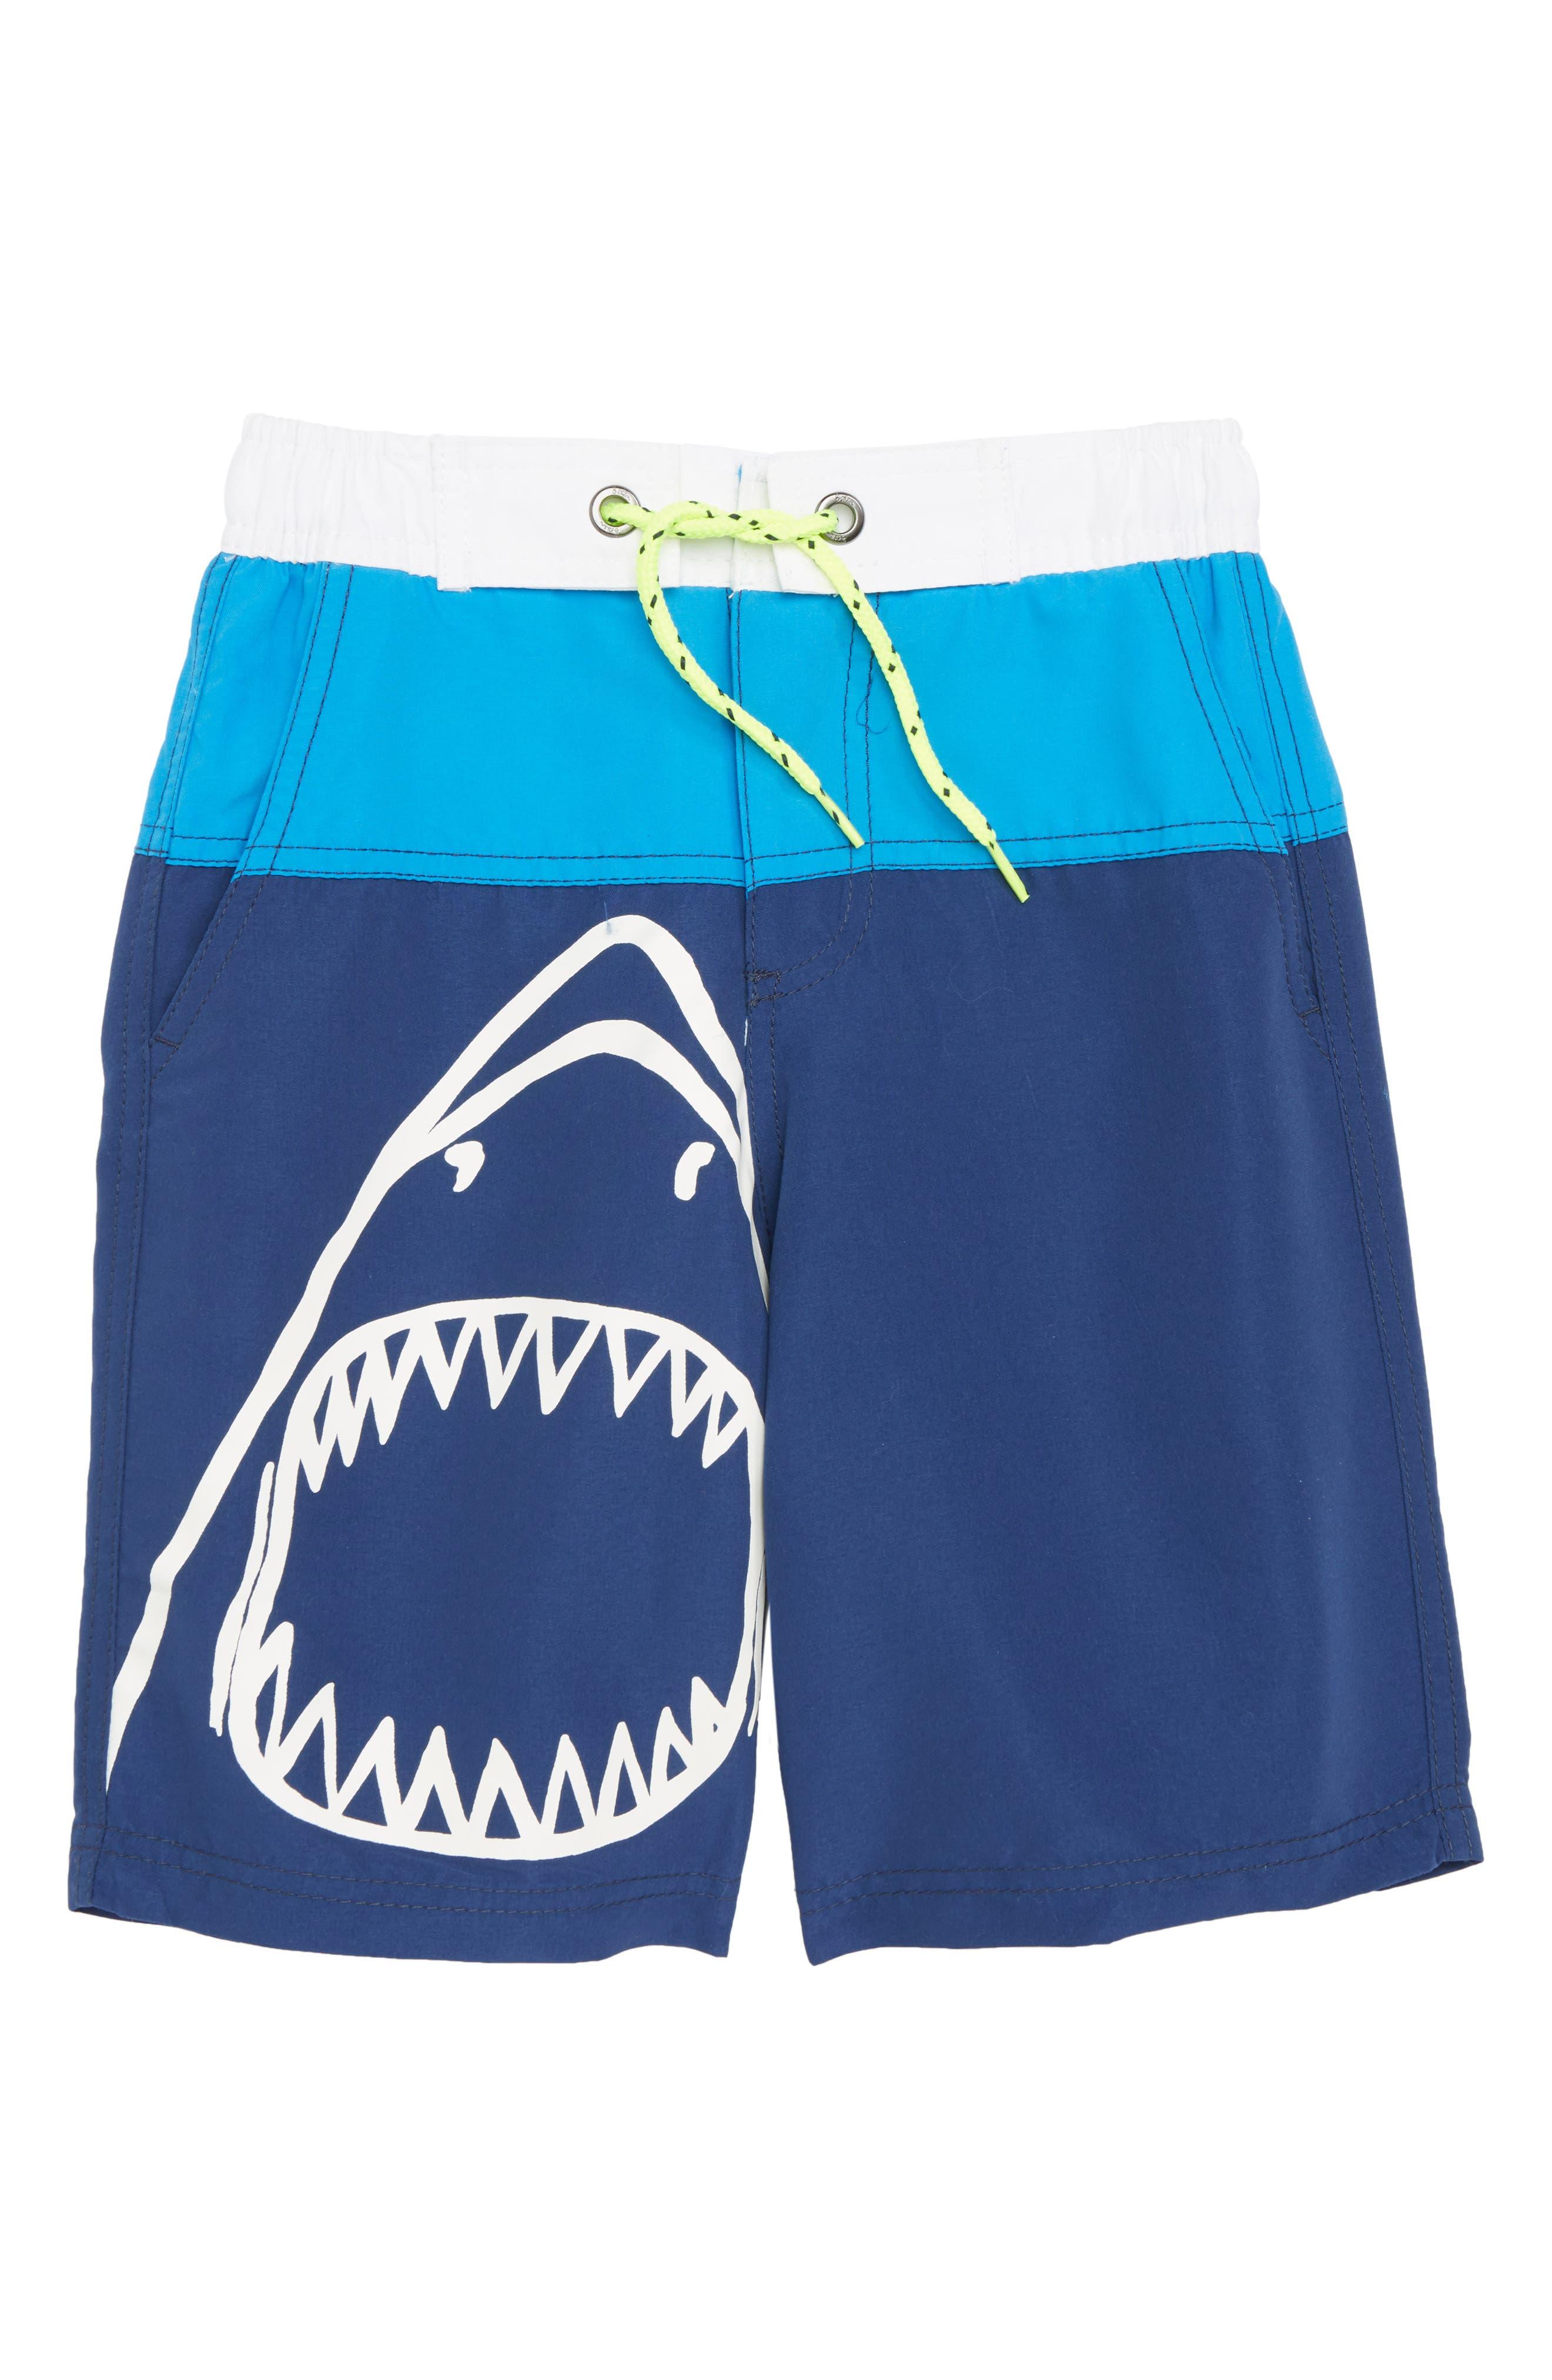 Shark Board Shorts,                             Main thumbnail 1, color,                             414